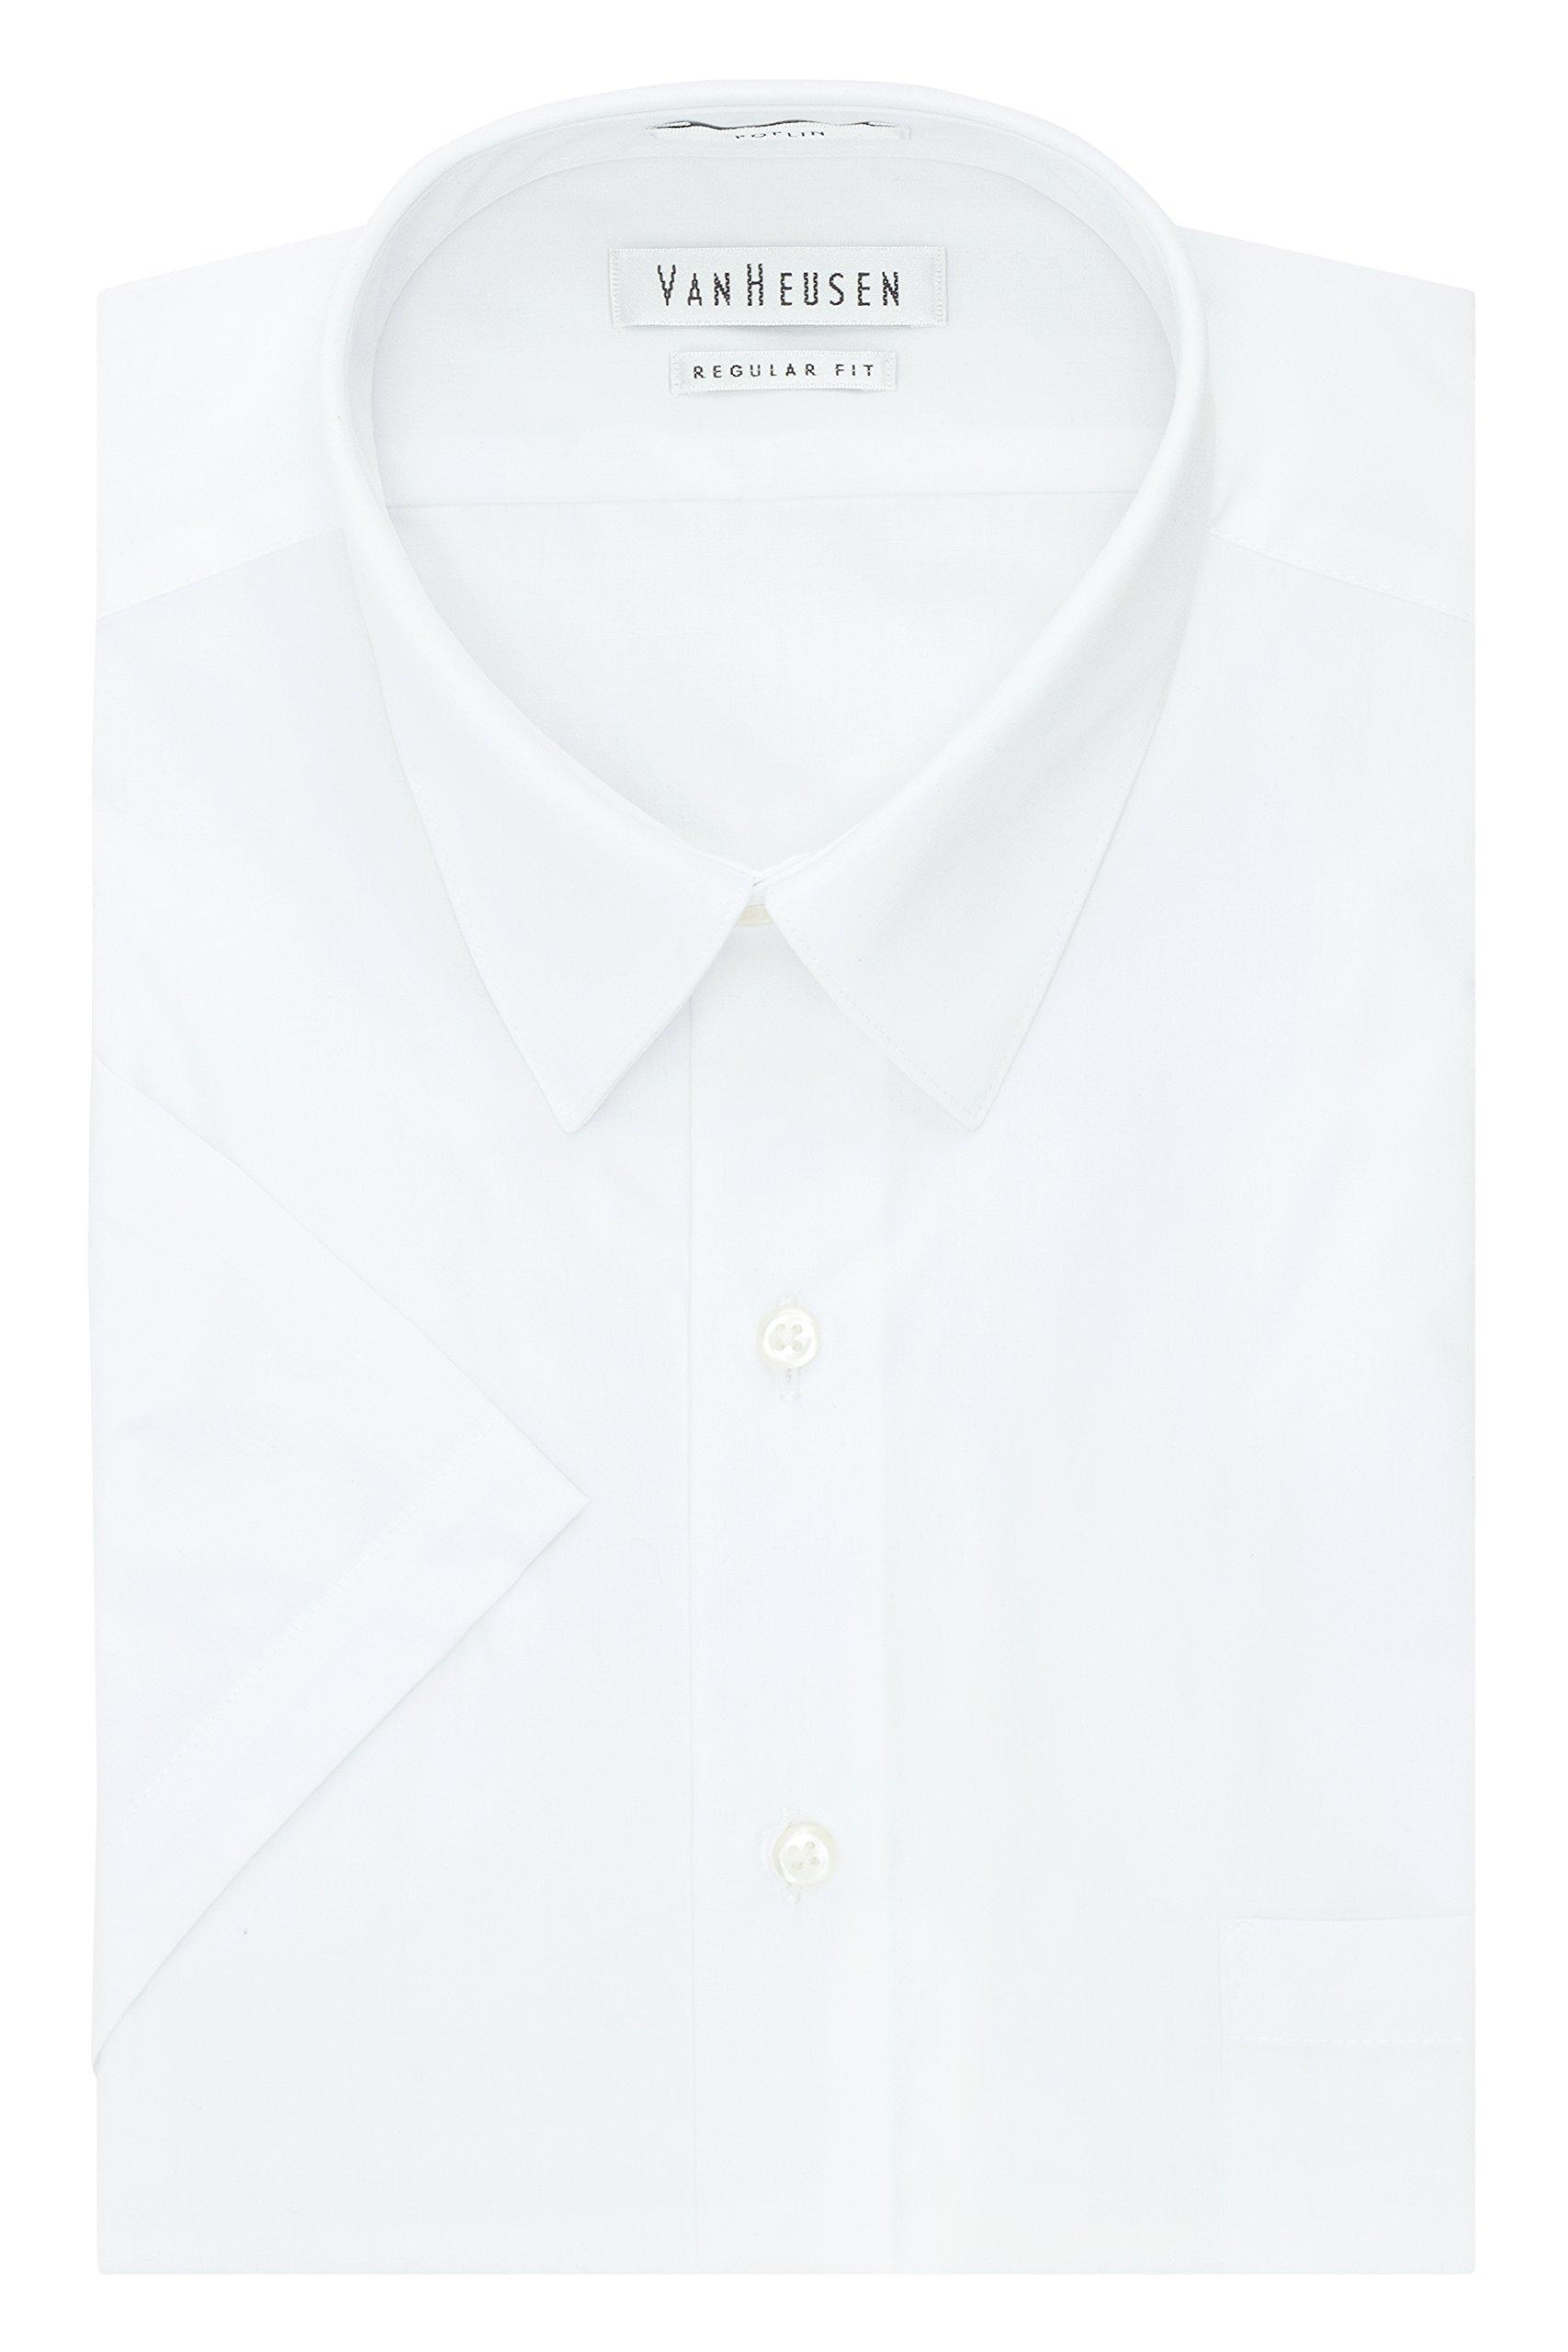 Van Heusen Men's Short Sleeve Poplin Solid Dress Shirt, White, 17.5'' Neck by Van Heusen